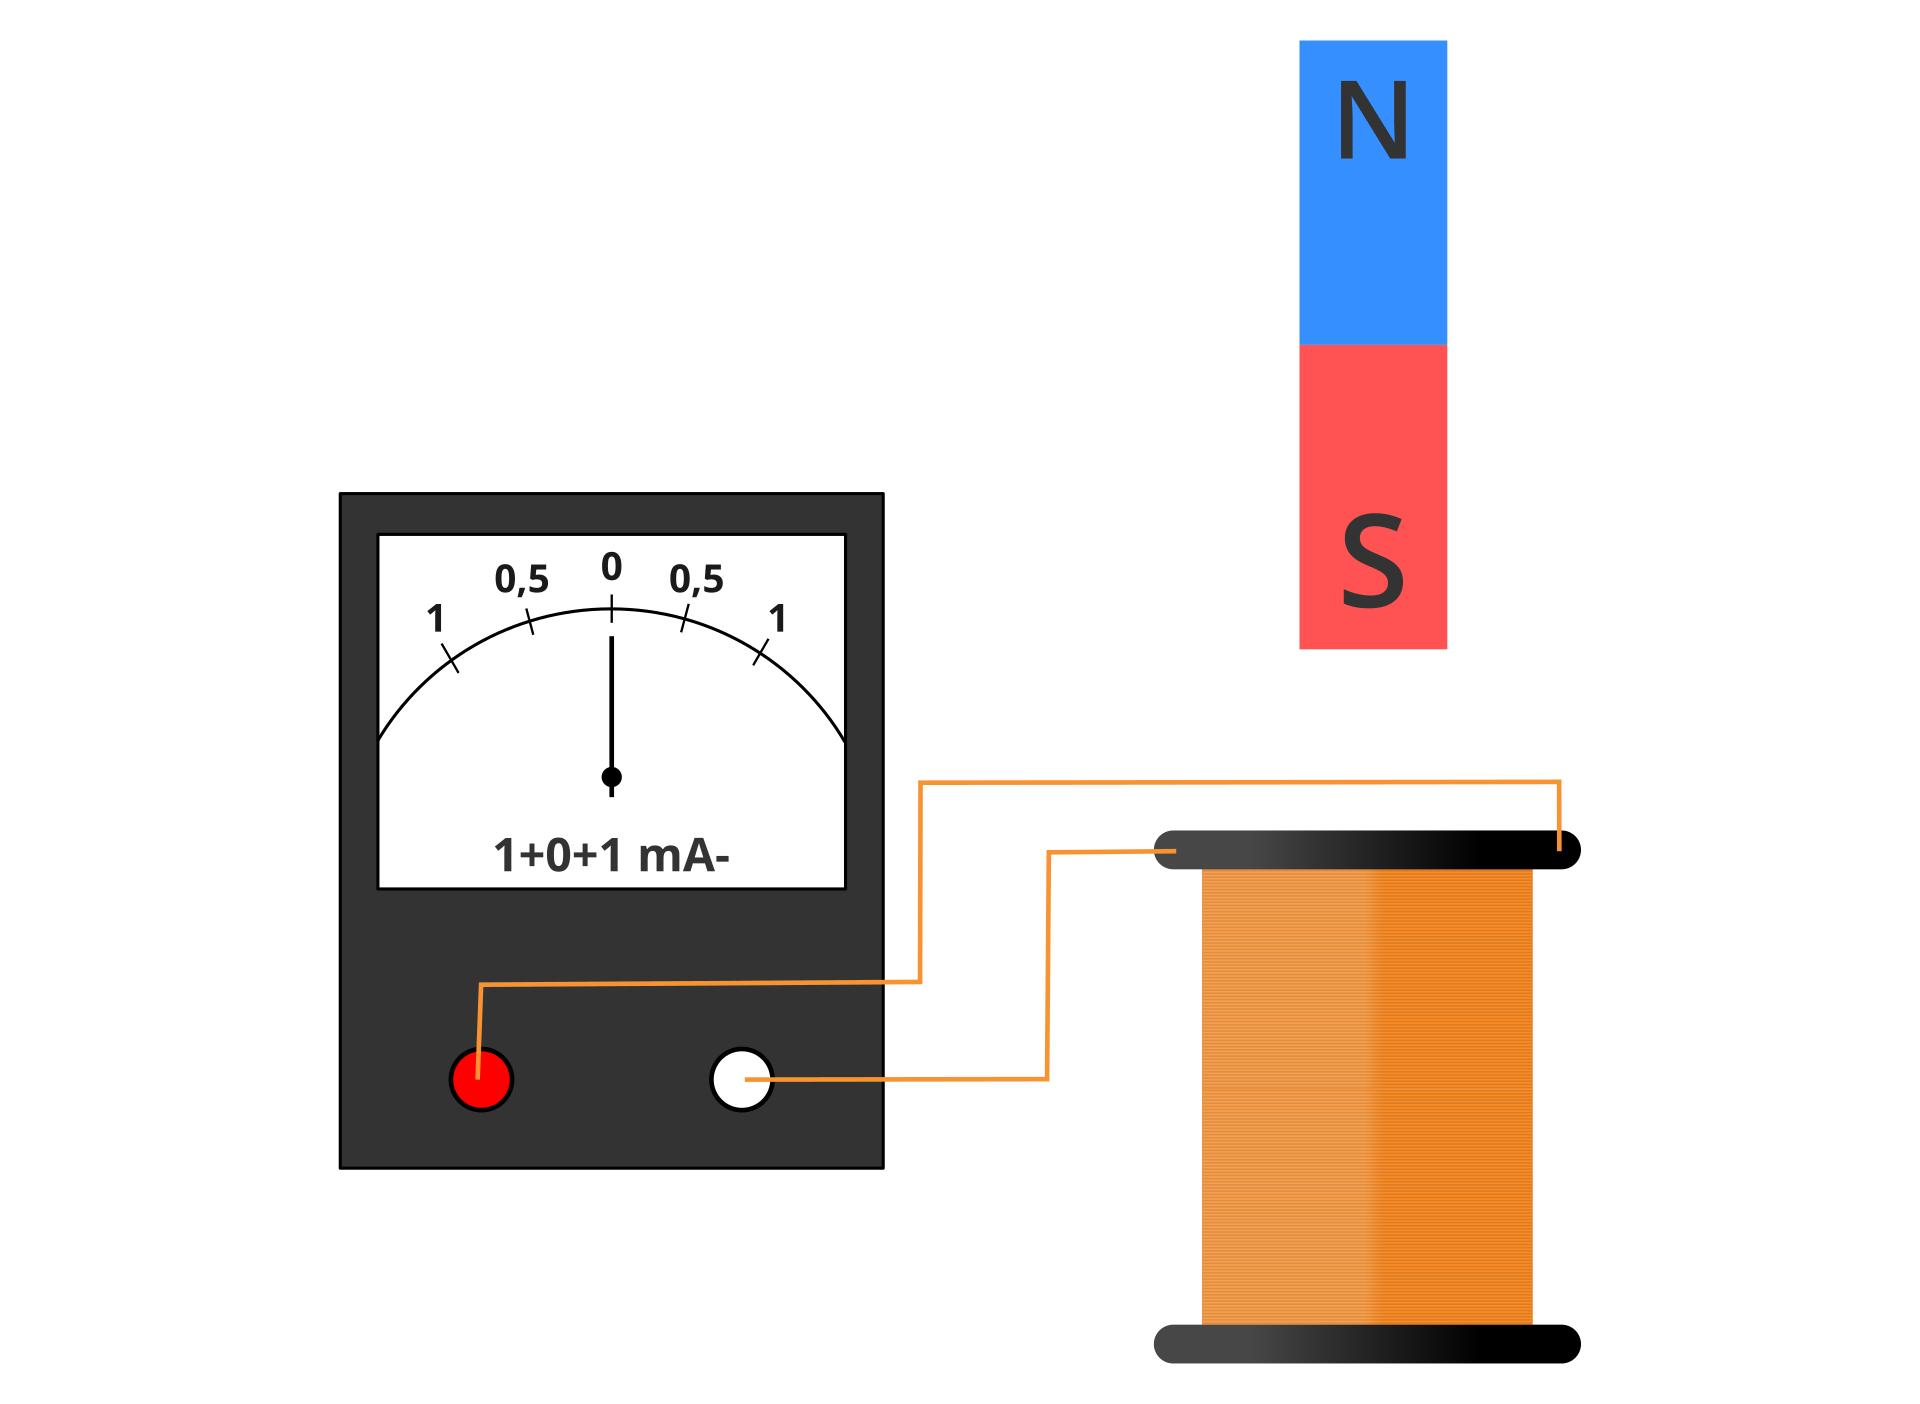 Zdjęcie typowego zestawu do wzbudzania prądu indukcyjnego